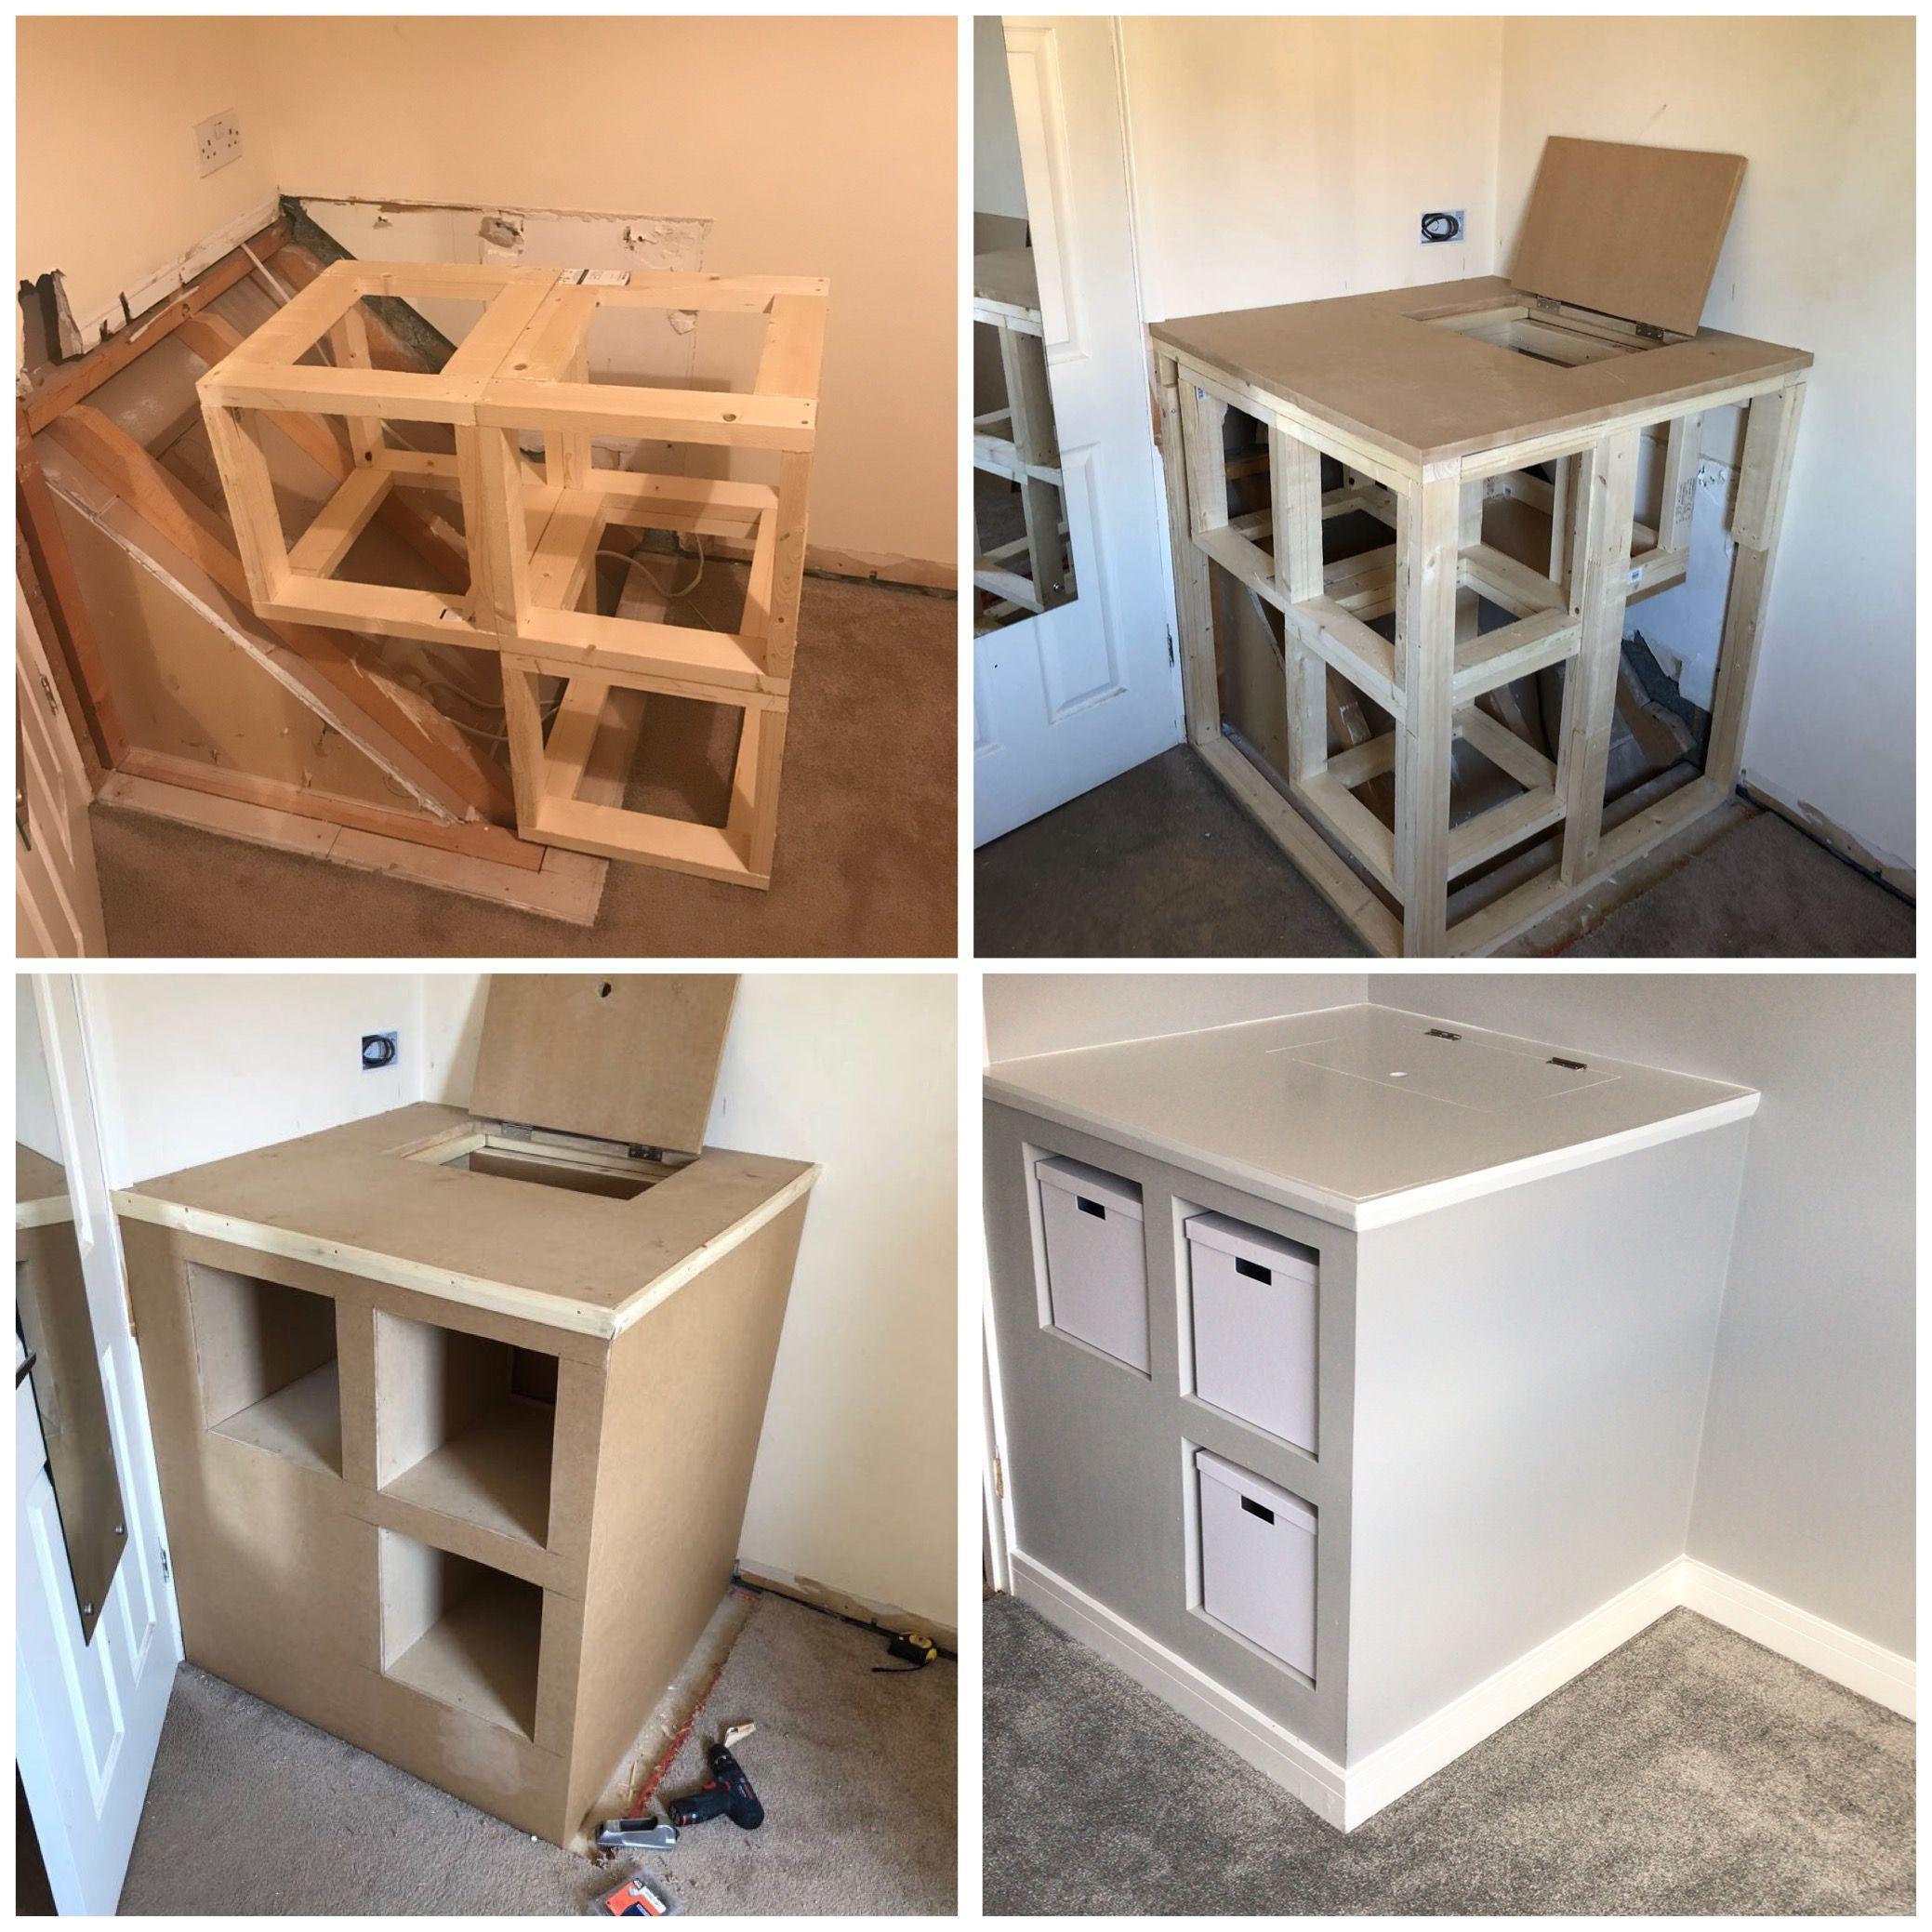 Old Stair Box Ideas Stair Box Ideas Box Room Beds Box Room Bedroom Ideas Room storage ideas box